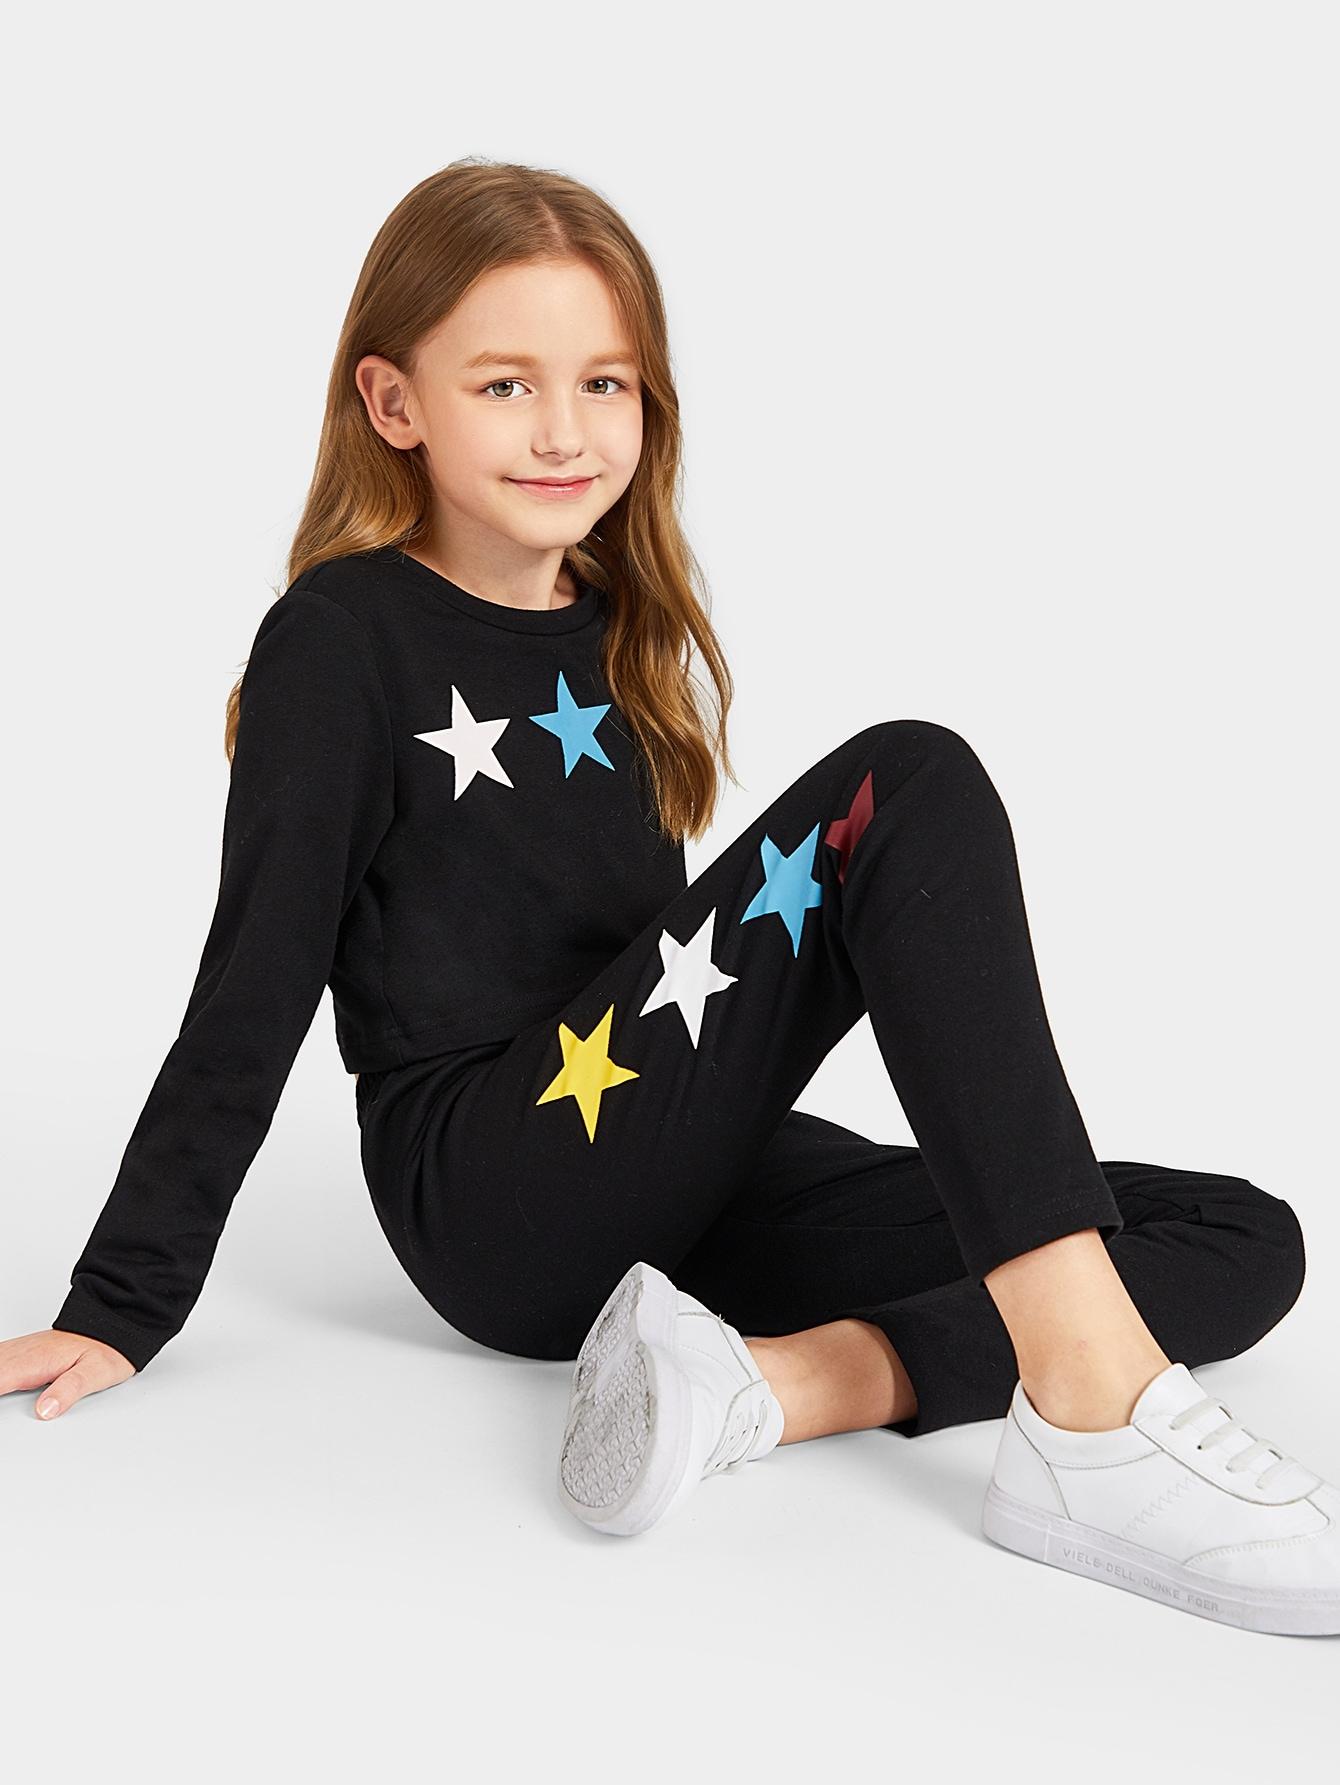 Купить Топ с принтом и спортивные брюки комплект для девочек, Dariab, SheIn